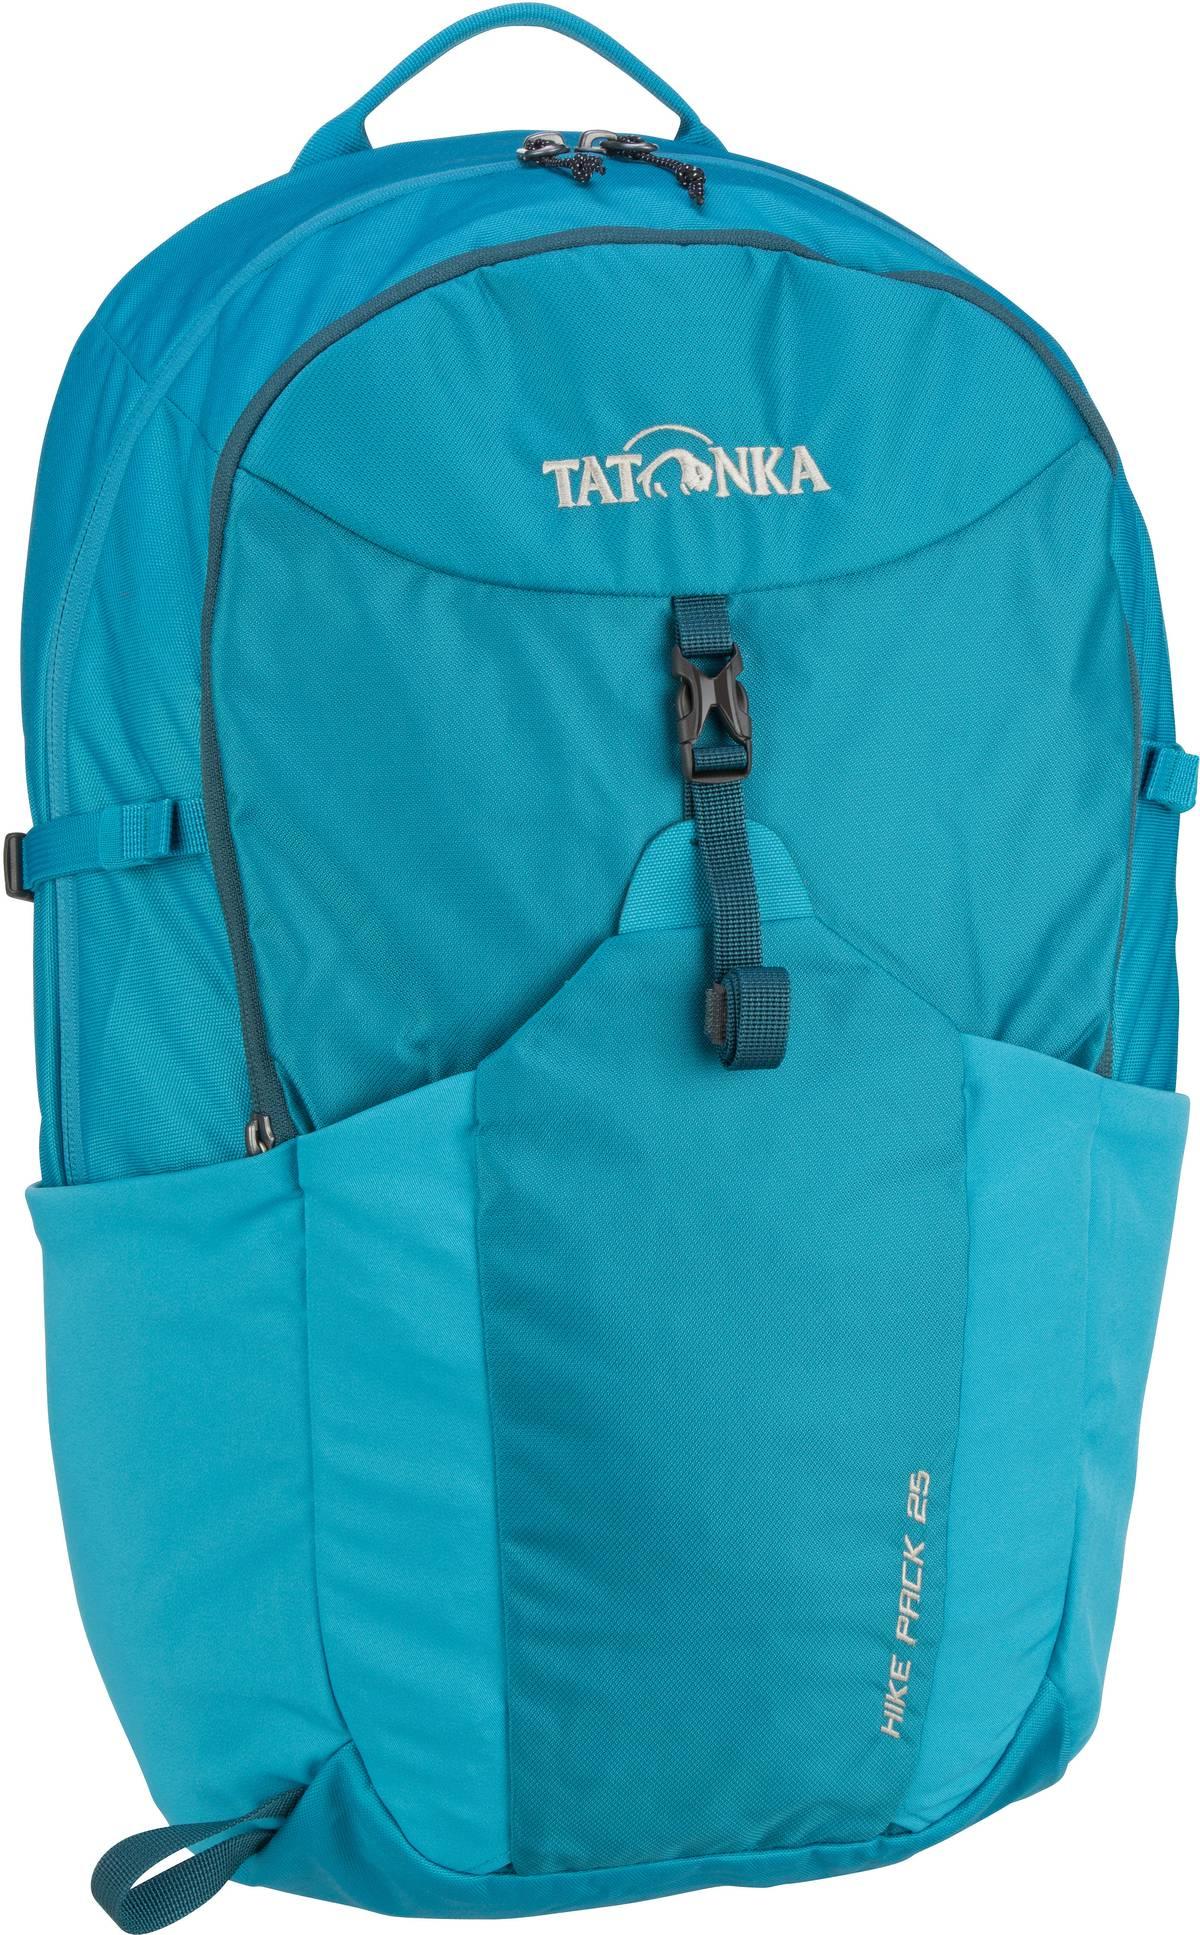 Wanderrucksack Hike Pack 25 Ocean Blue (25 Liter)